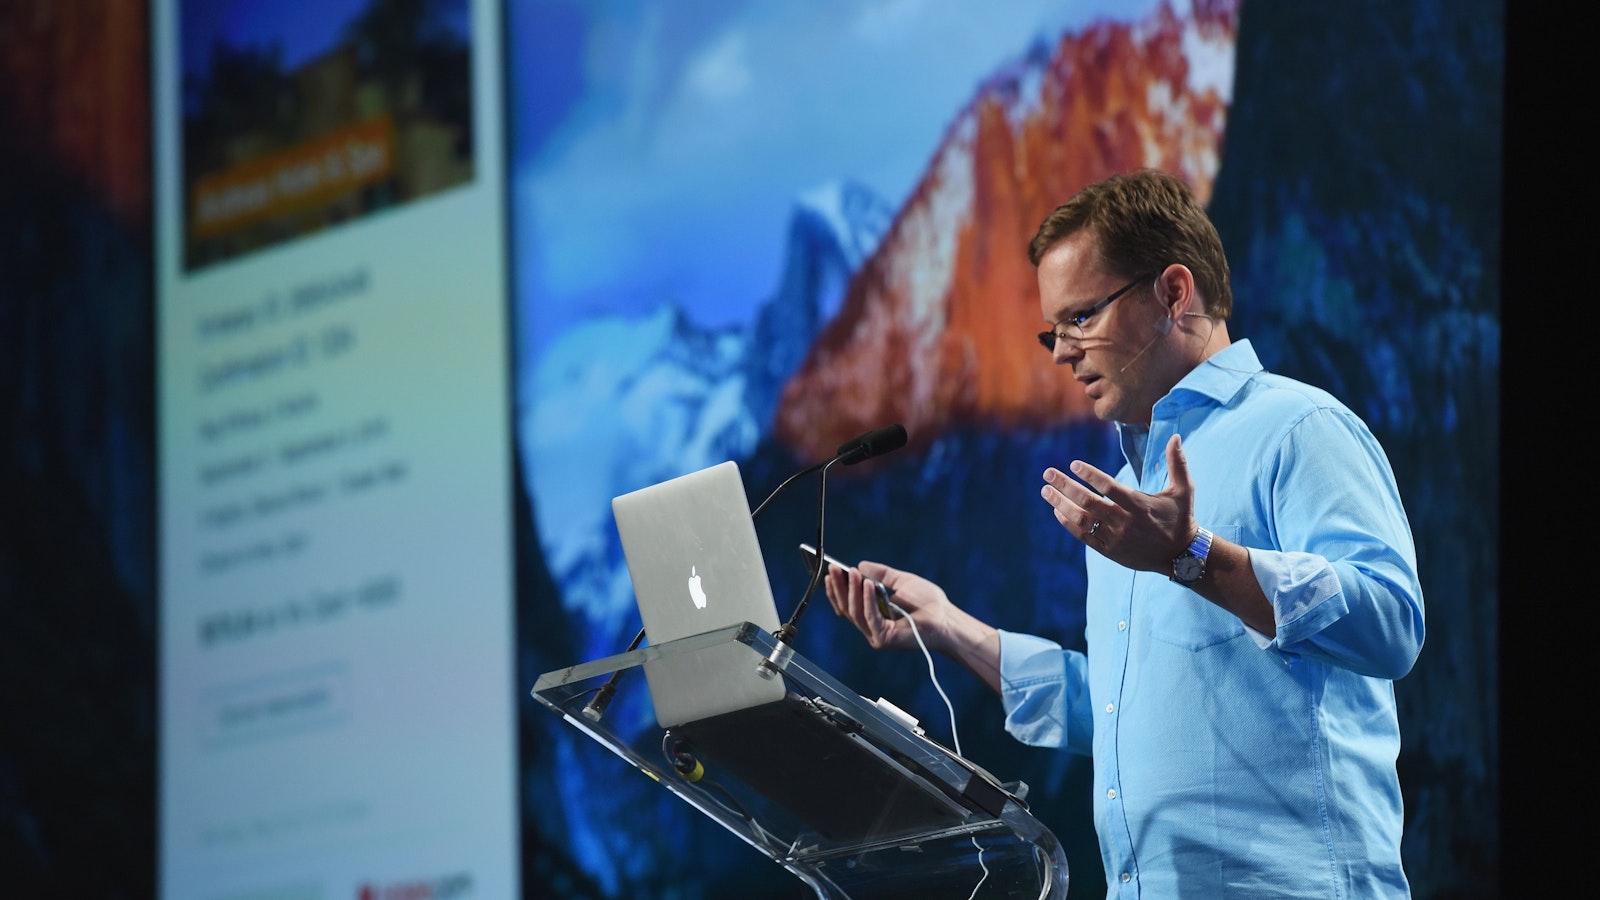 Viv co-founder Dag Kittlaus. Photo by Flickr/TechCrunch.